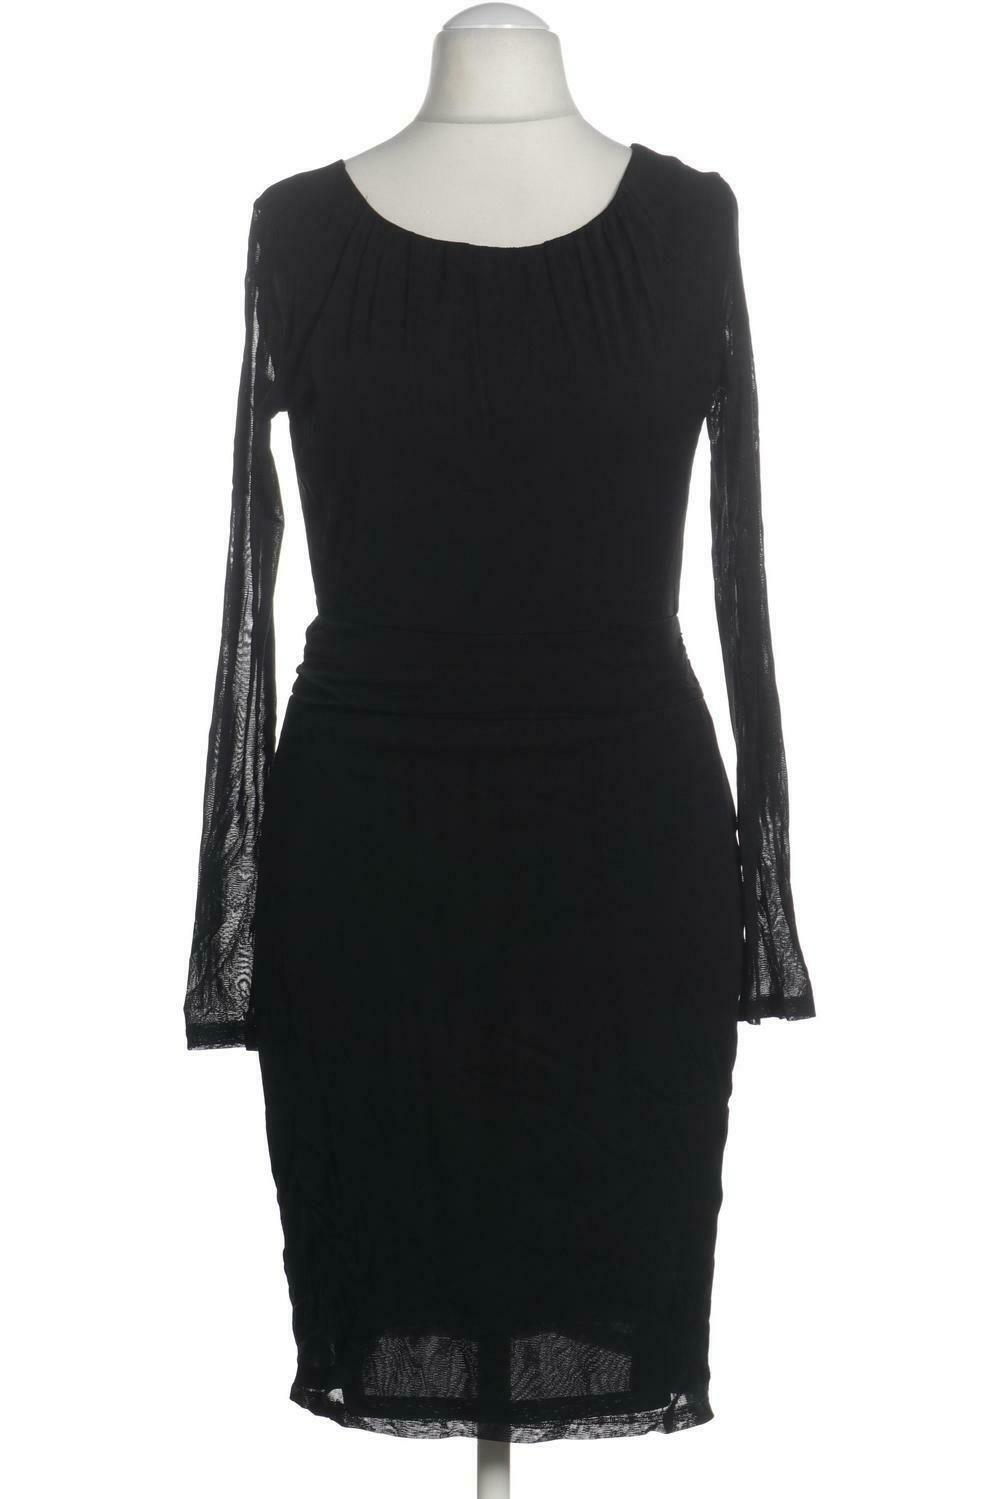 Esprit Kleid Damen Dress Damenkleid Gr. S kein Etikett